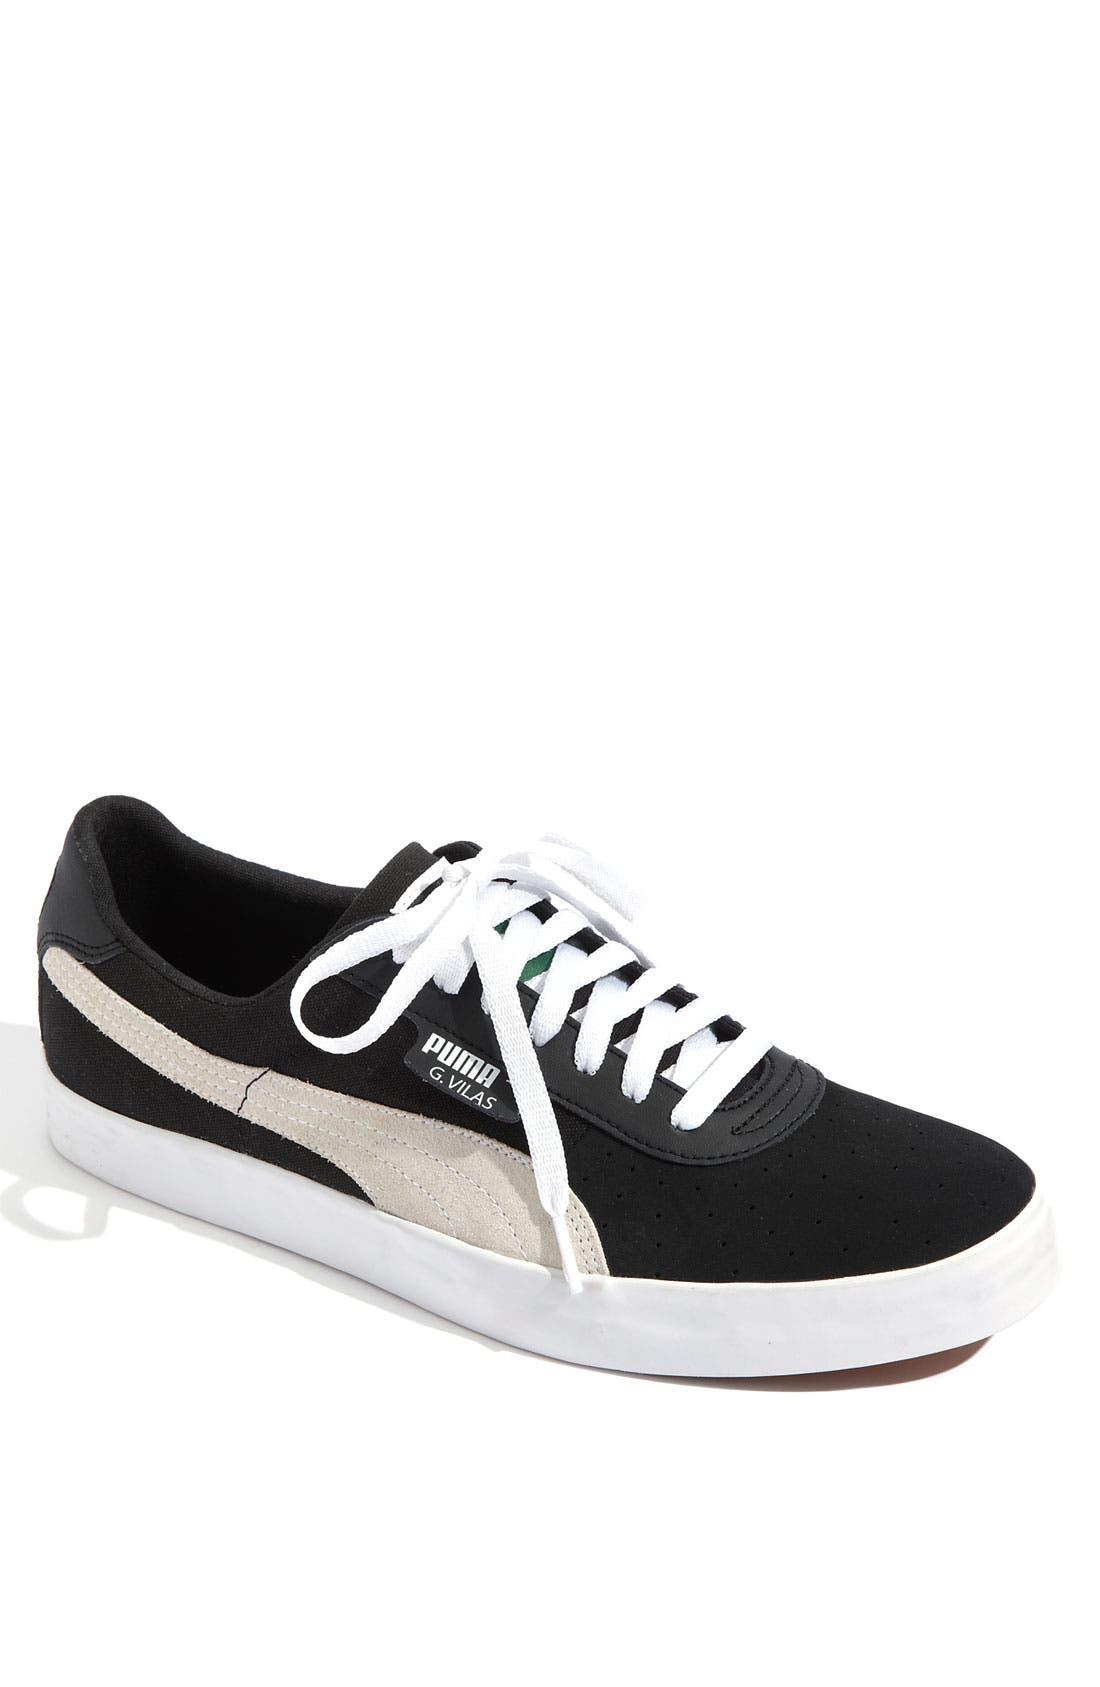 Alternate Image 1 Selected - PUMA 'GV Vulcanized' Sneaker